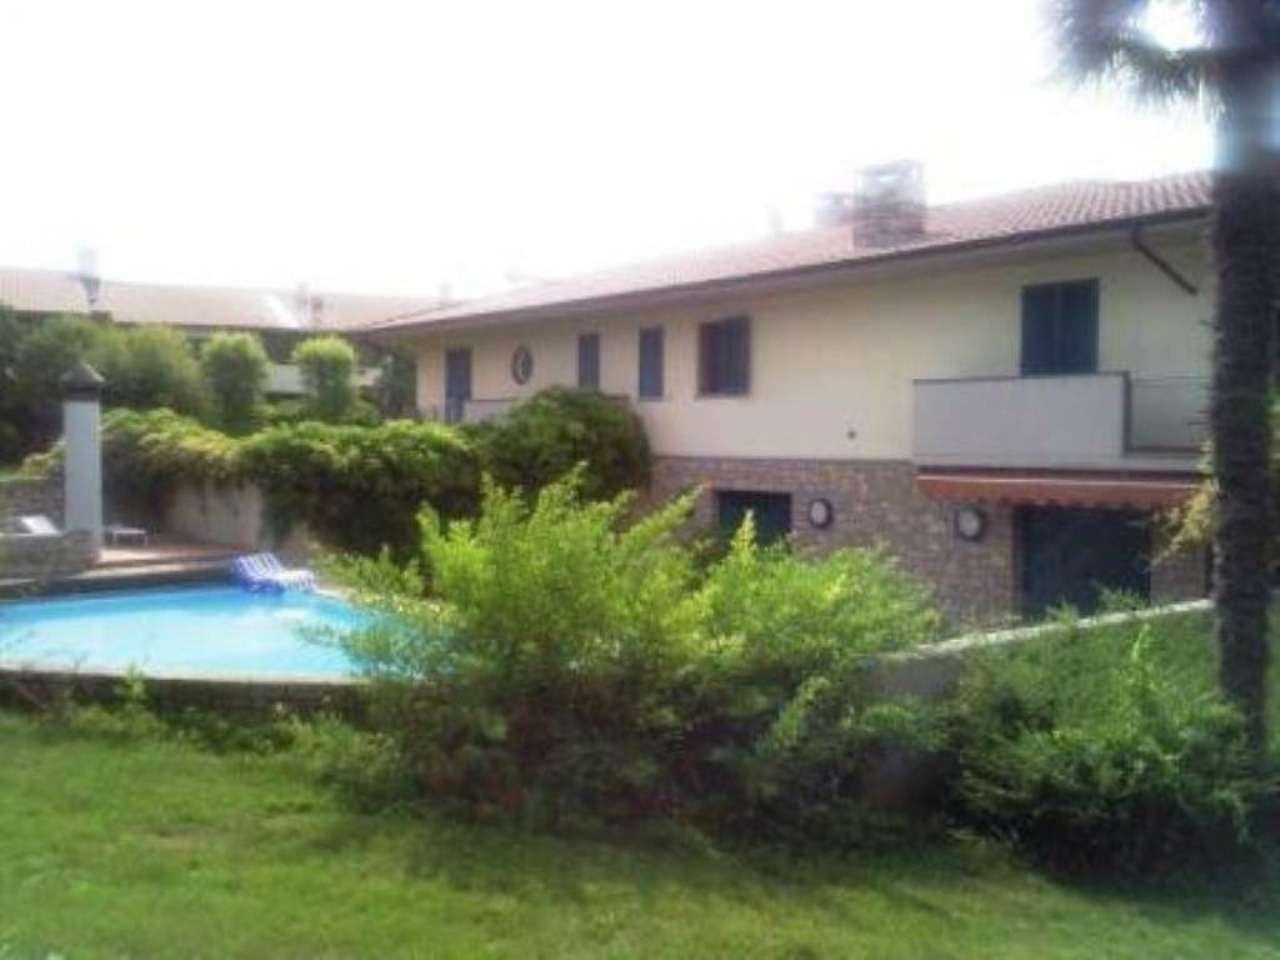 Villa in vendita a Romano di Lombardia, 5 locali, Trattative riservate | CambioCasa.it